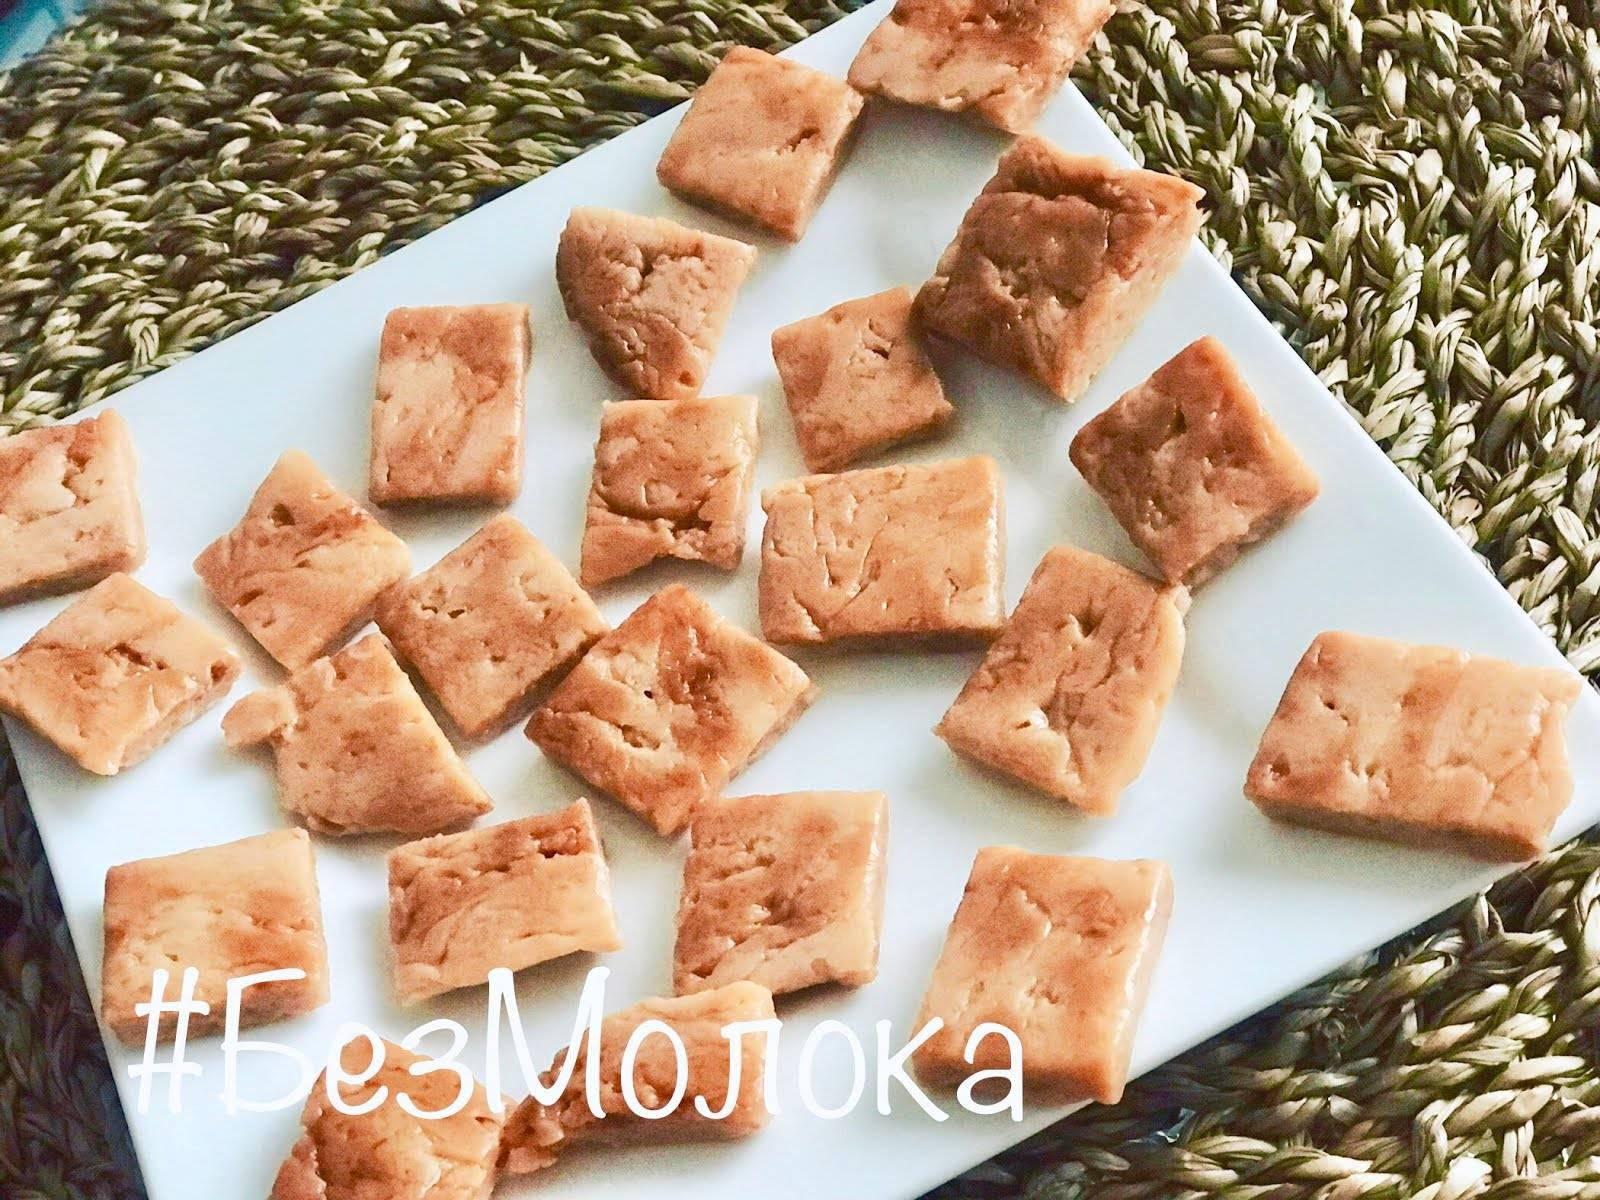 Ириски - рецепты